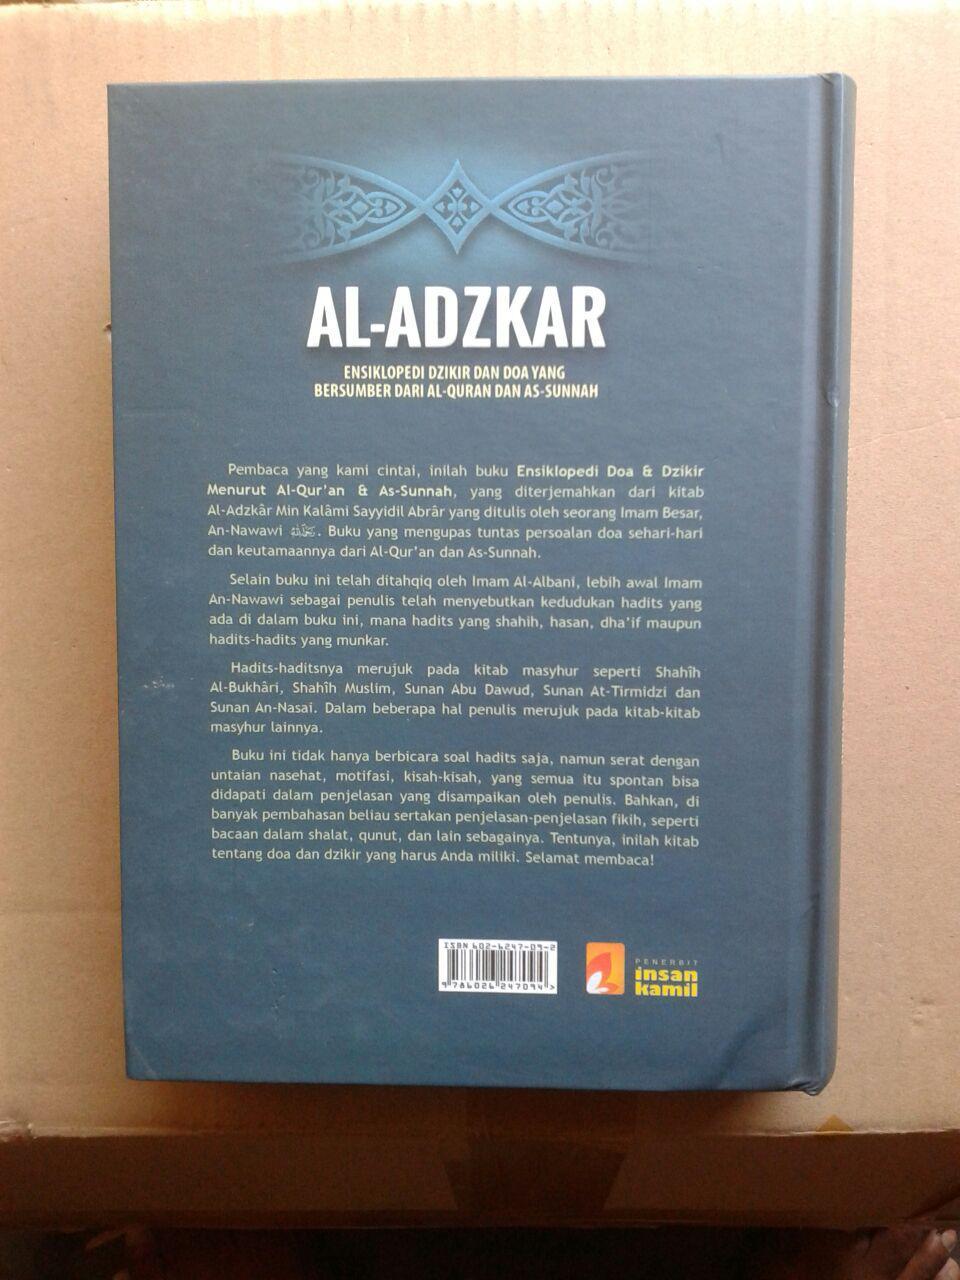 Buku Al-Adzkar Ensiklopedi Dzikir Dan Doa cover 2